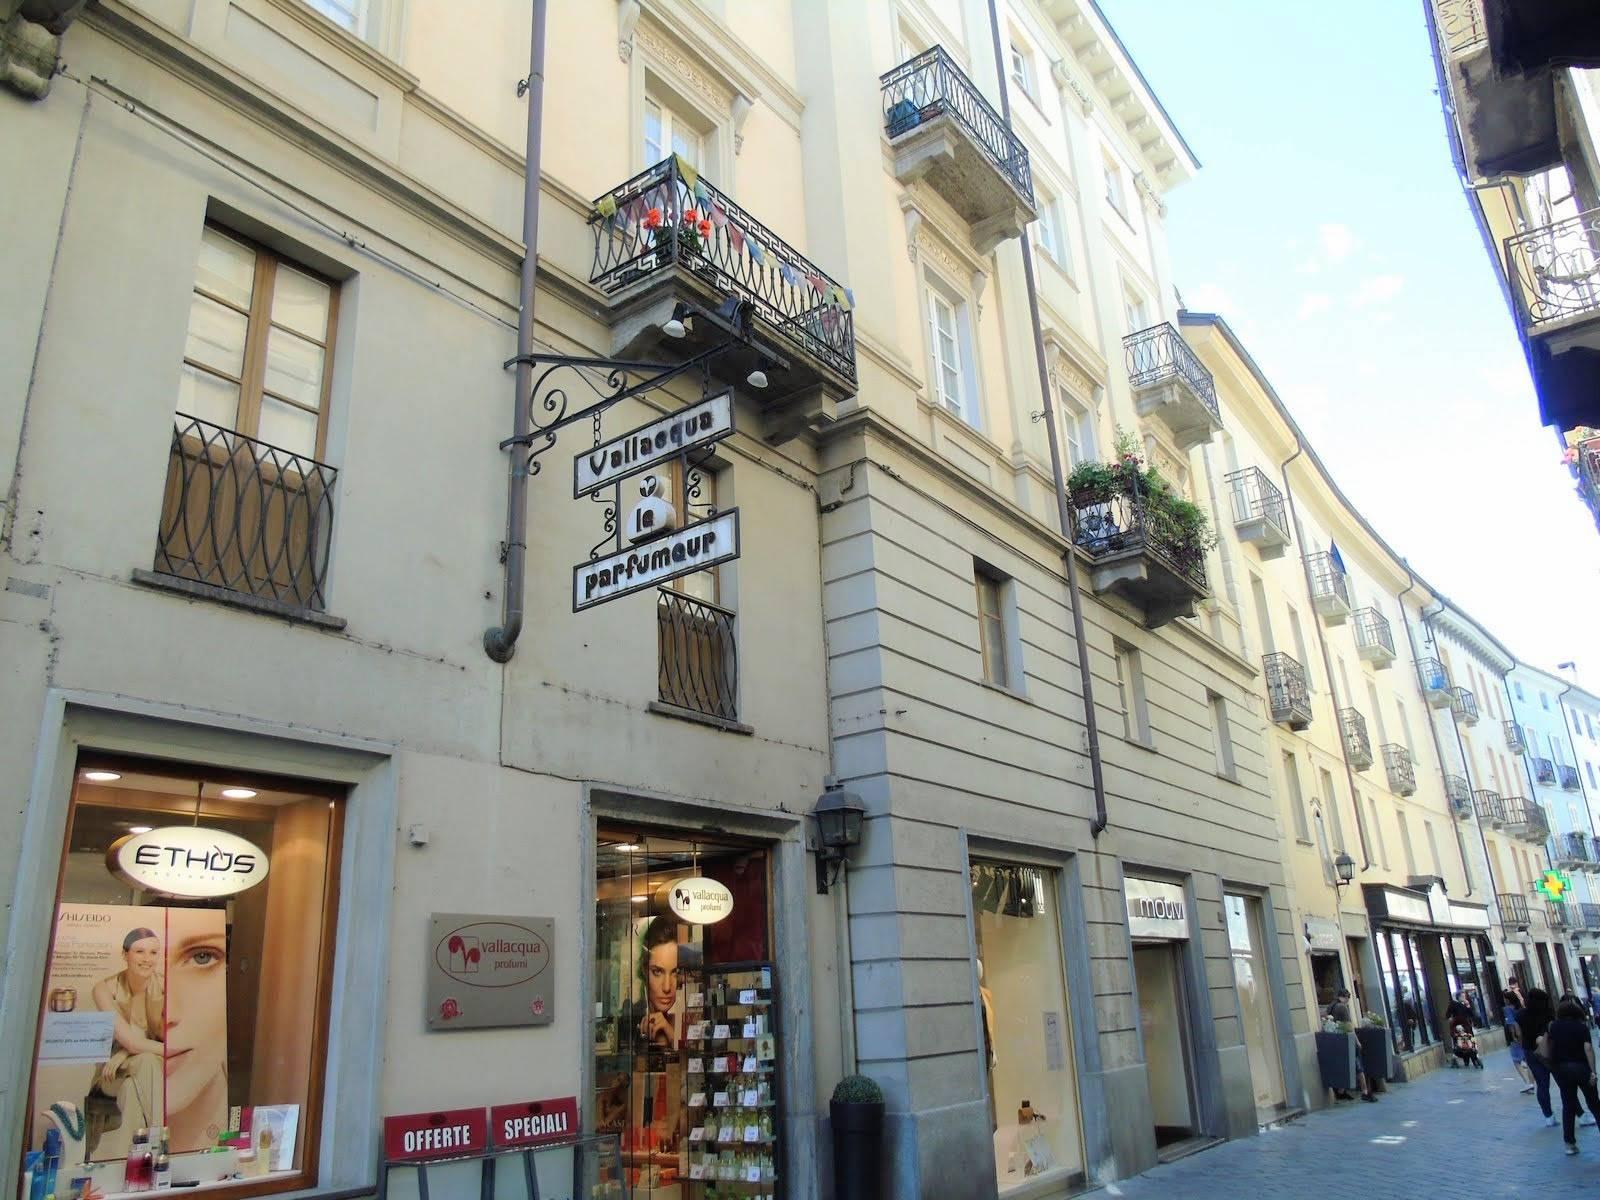 Ufficio / Studio in vendita a Aosta, 3 locali, zona Zona: Centro, prezzo € 240.000 | CambioCasa.it